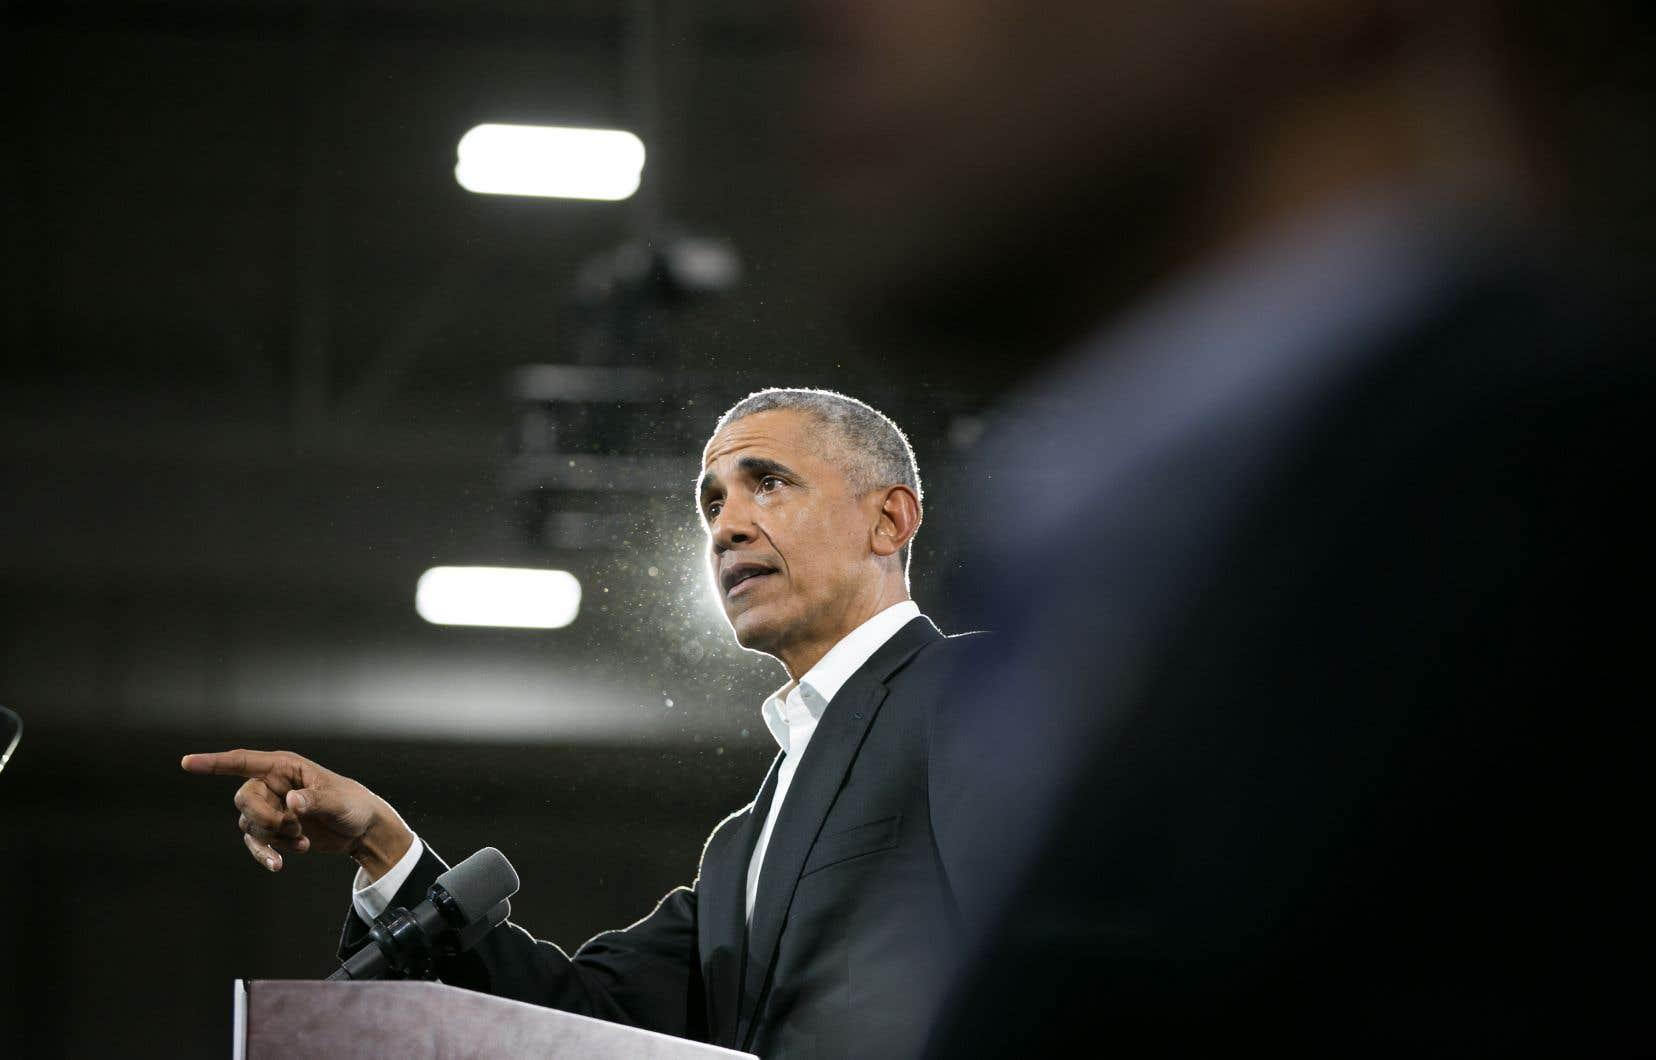 Barack Obama s'est félicité de l'élection d'un «nombre record de femmes et de jeunes vétérans d'Irak et d'Afghanistan», de «jeunes chefs exceptionnels» et d'«une vague de candidats issus de minorités».